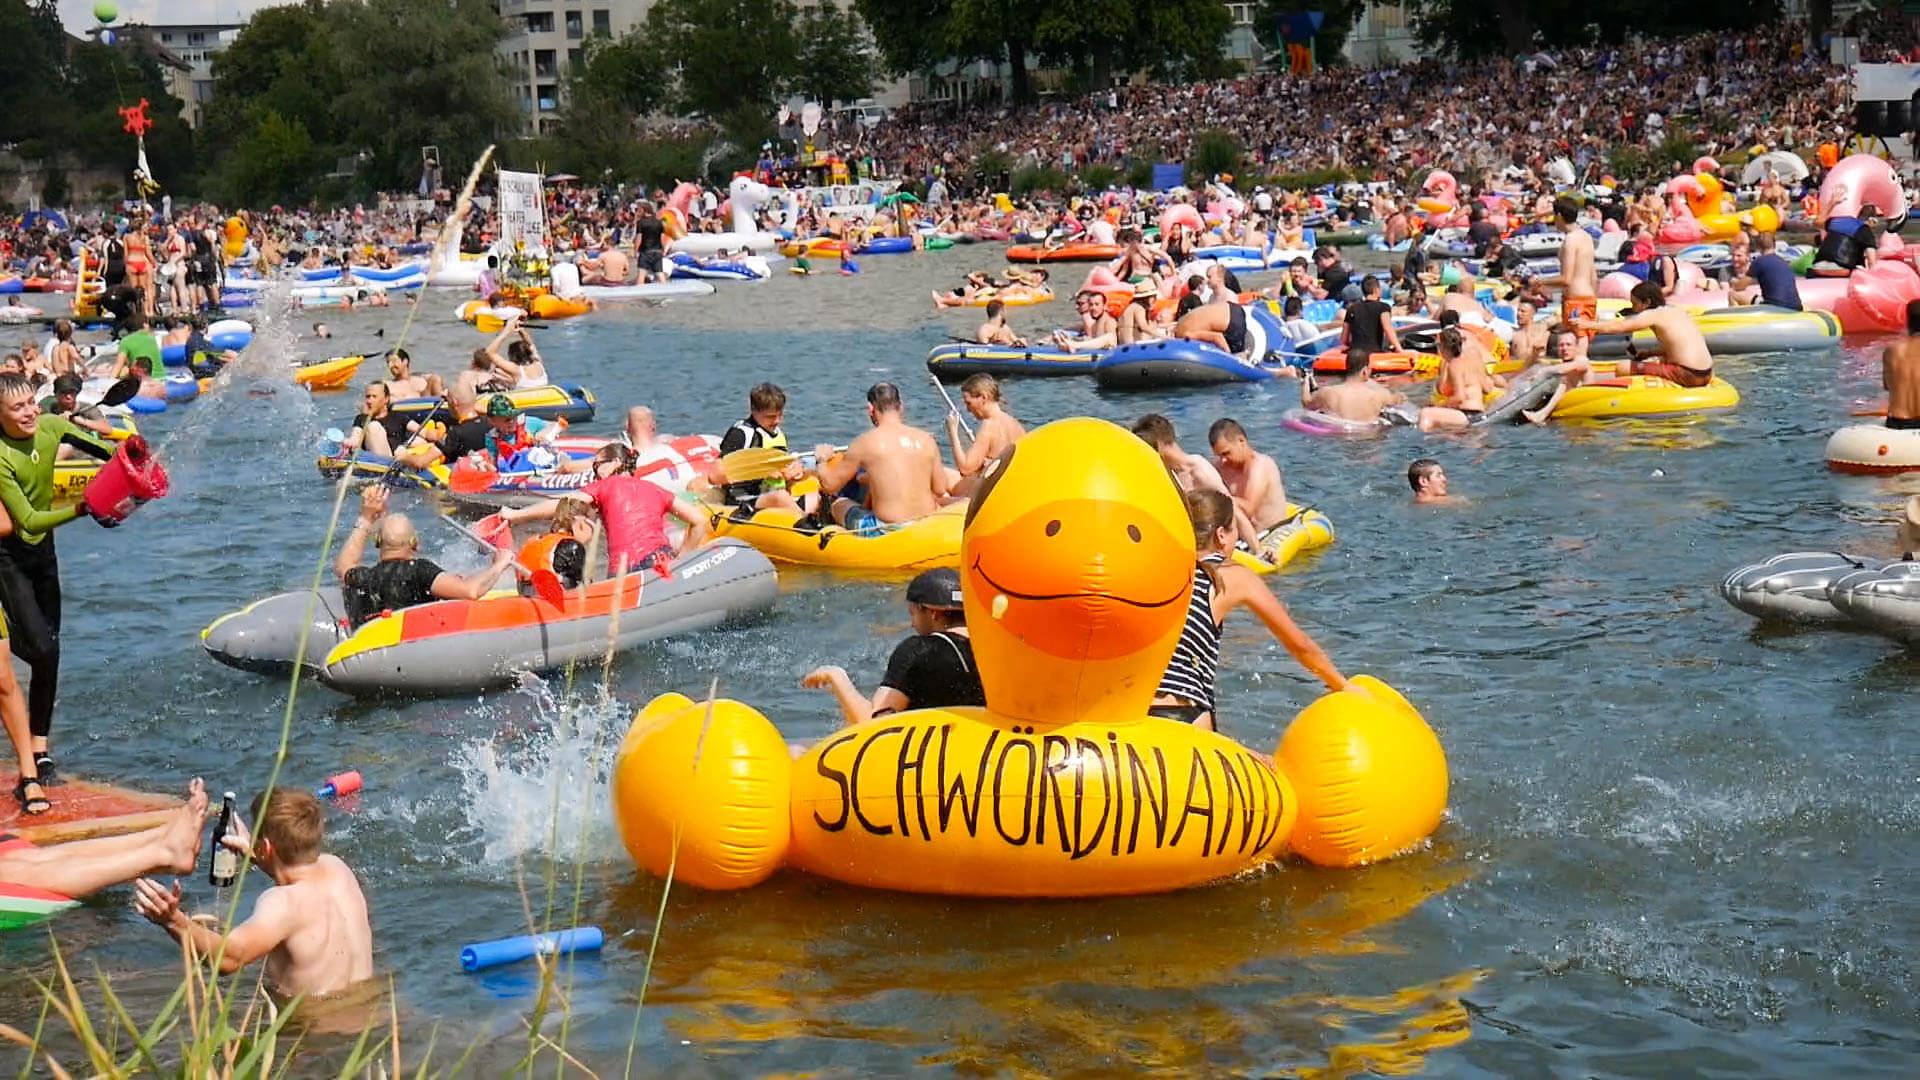 Ein Teilnehmer auf einem gelben Schlauchboot beim Nabada in Ulm